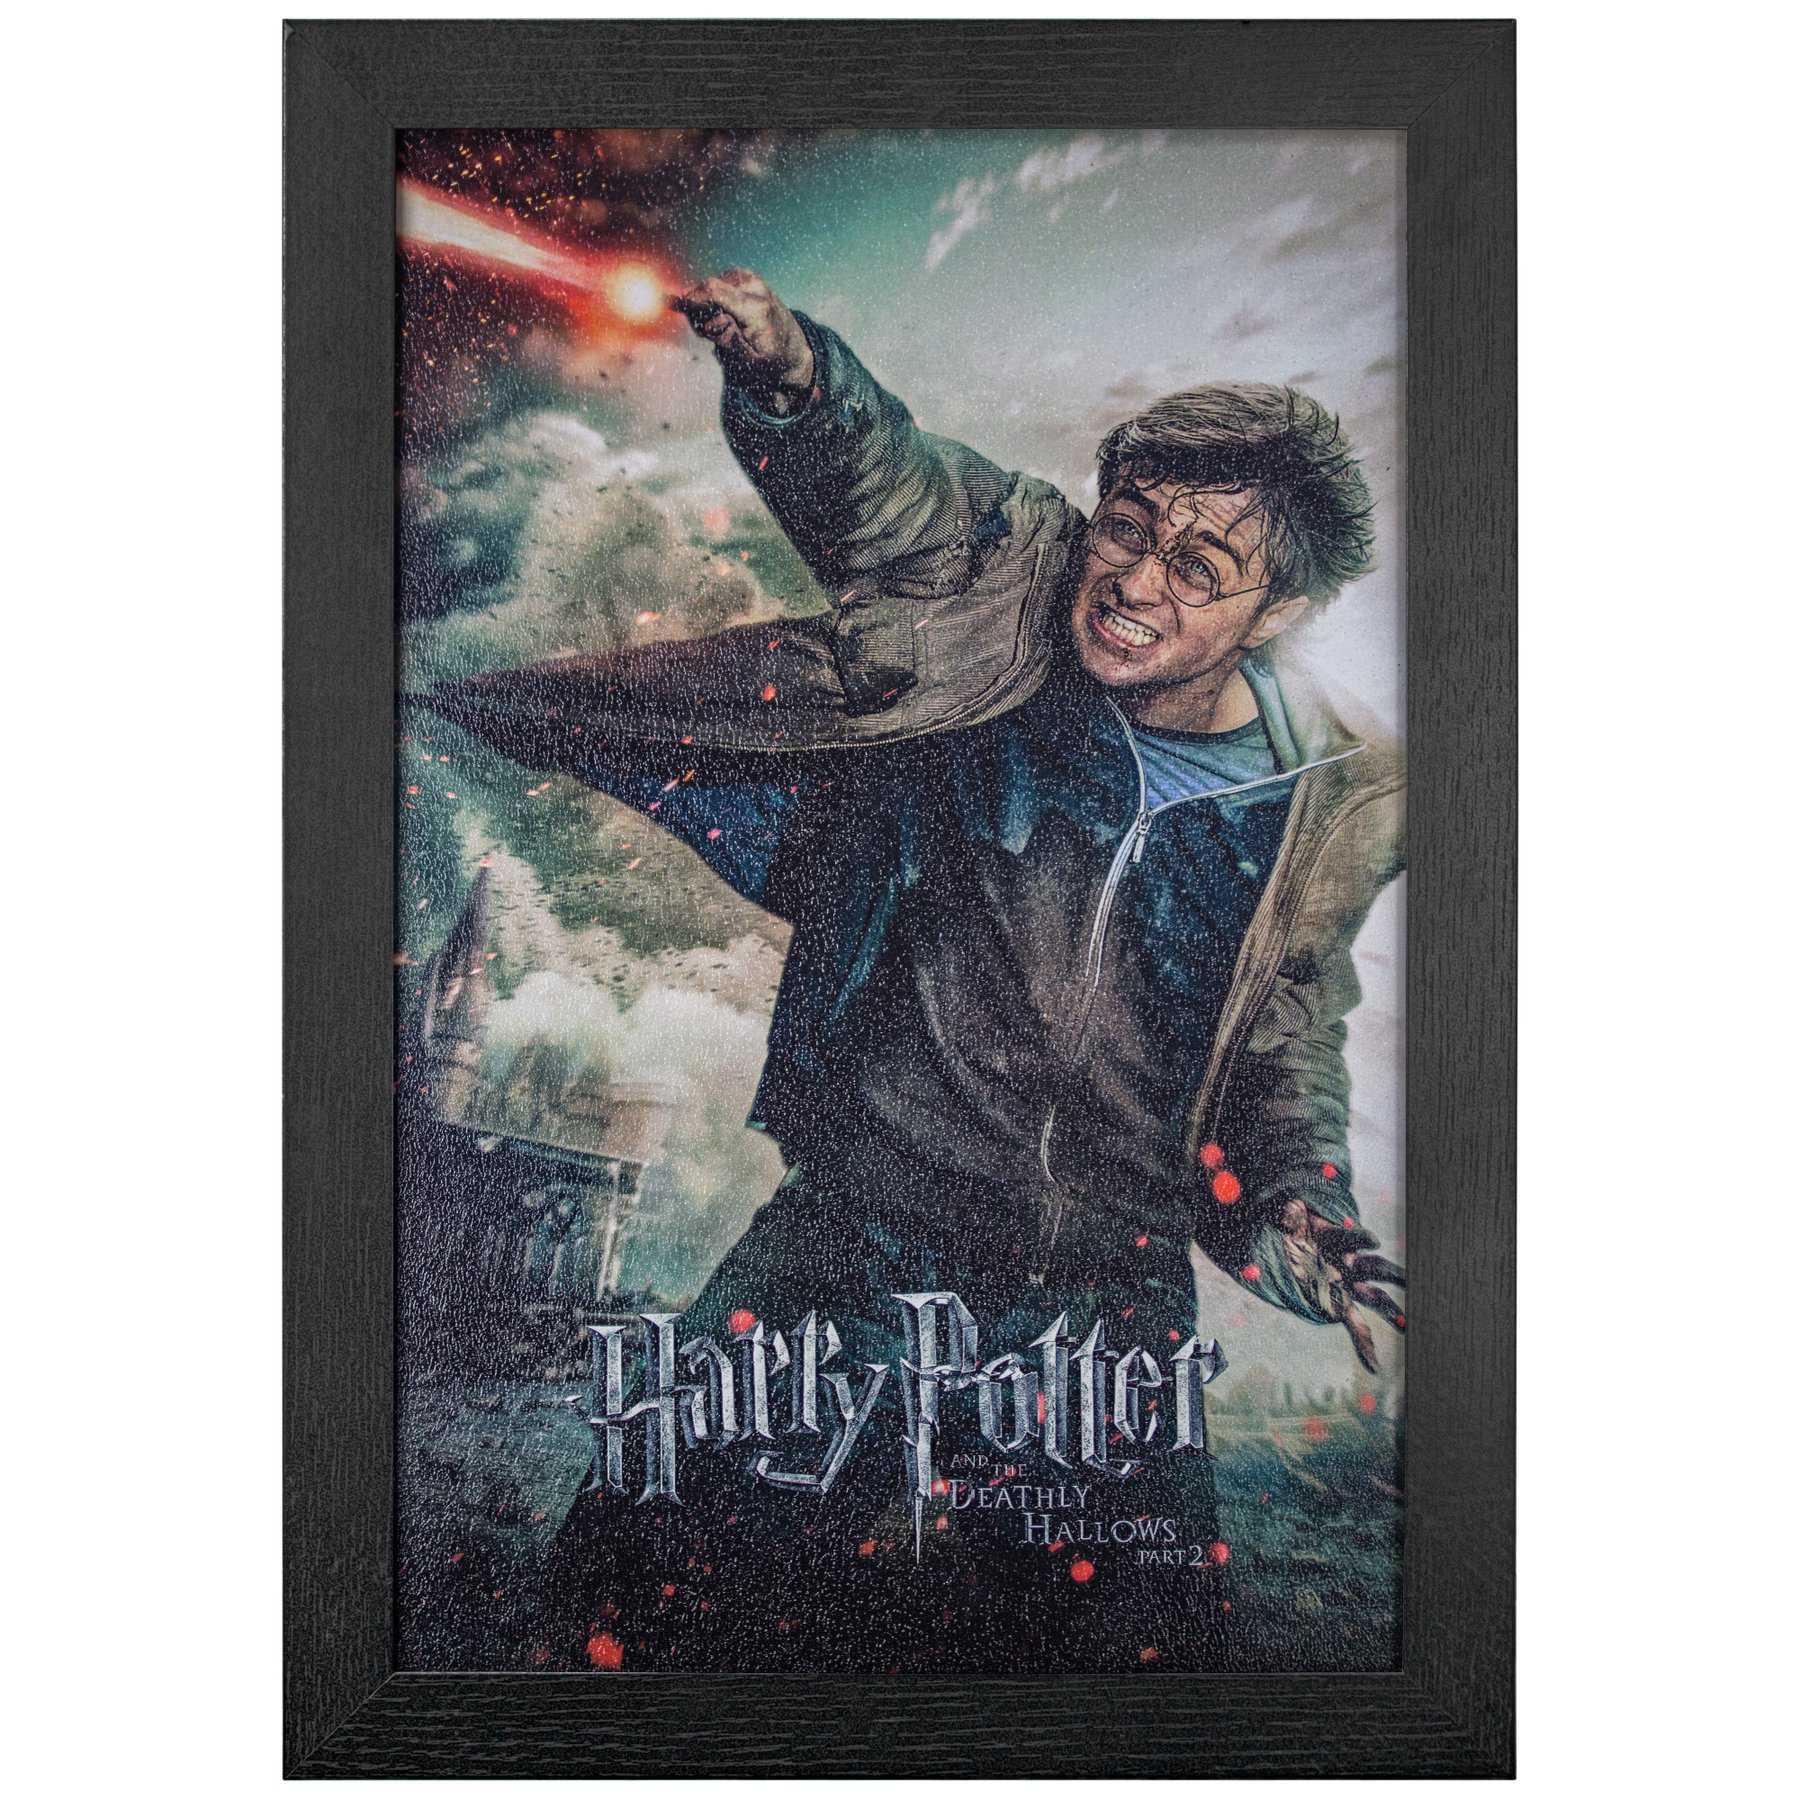 Licensed Framed Art - Harry Potter Deathly Hollows